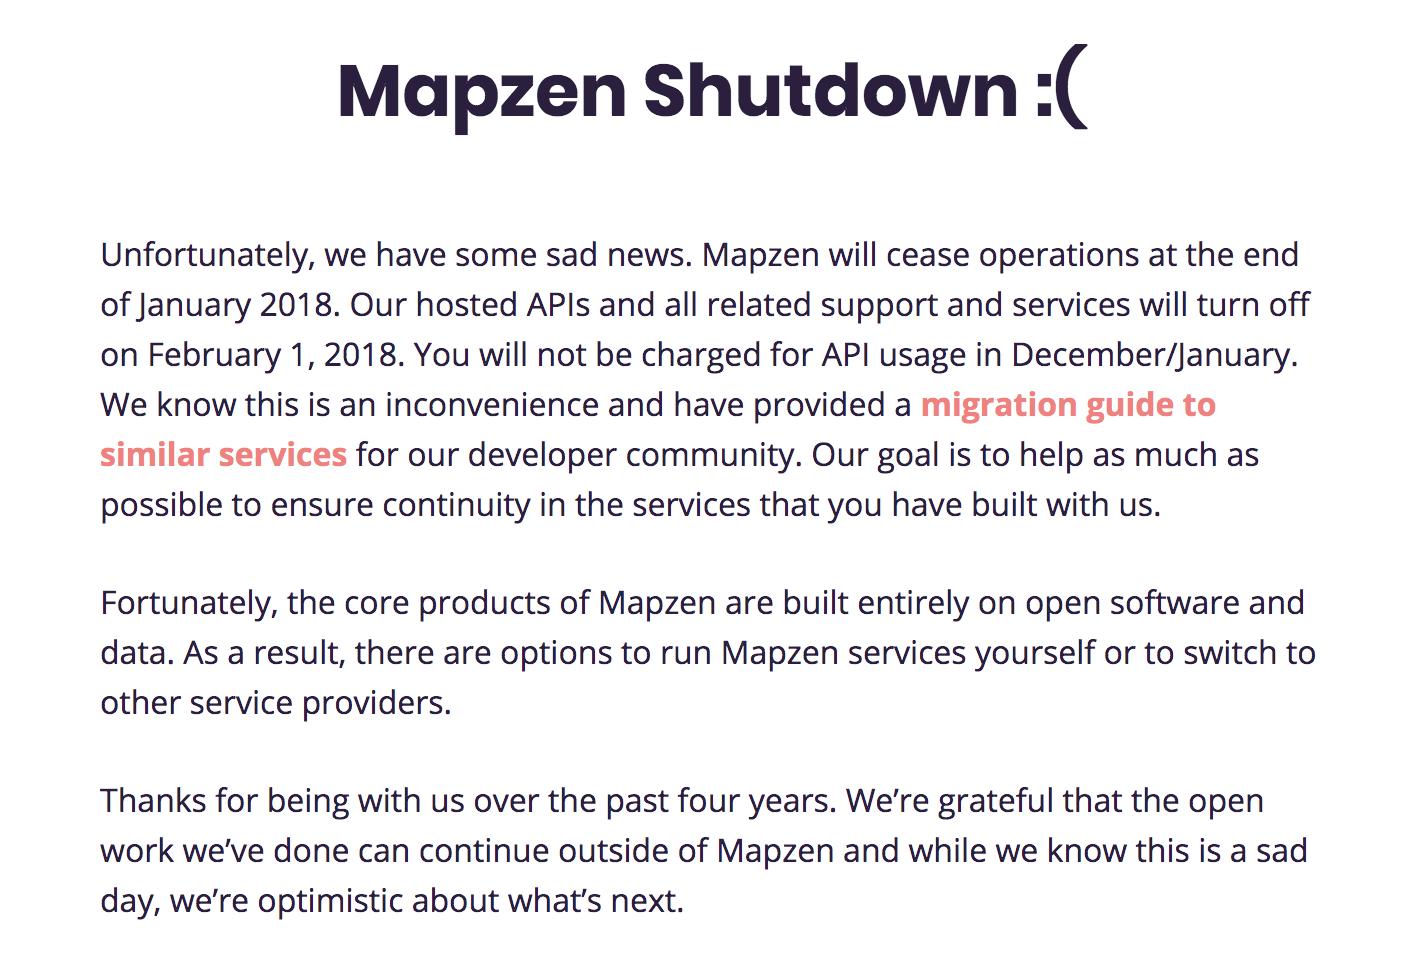 Mapzen Shutdown